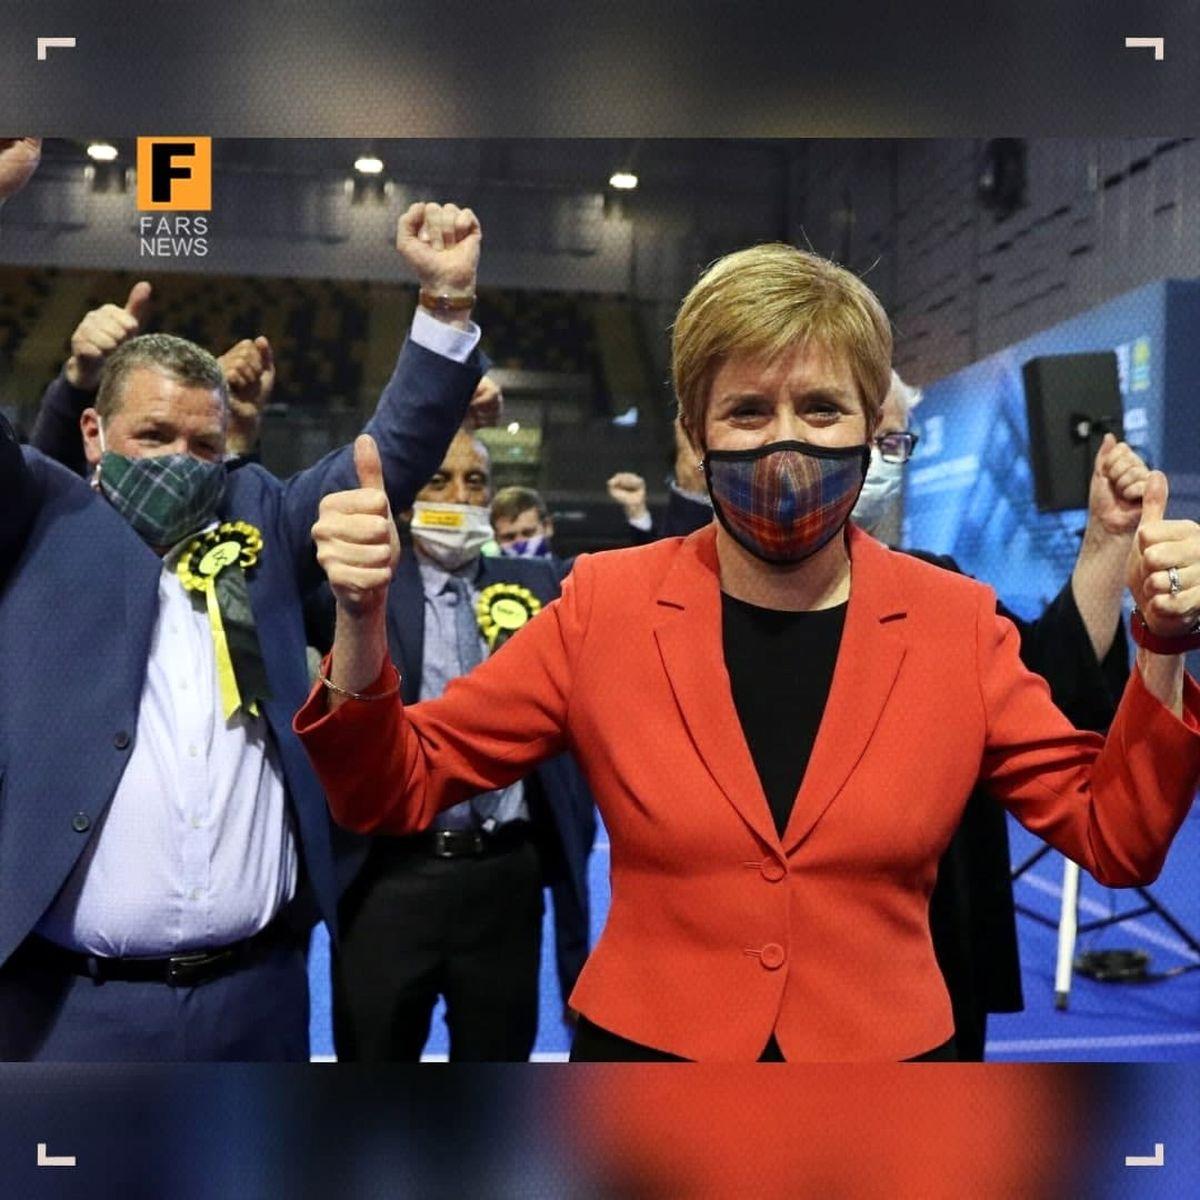 ساز جدایی اسکاتلند از انگلیس به صدا درمیآید؟